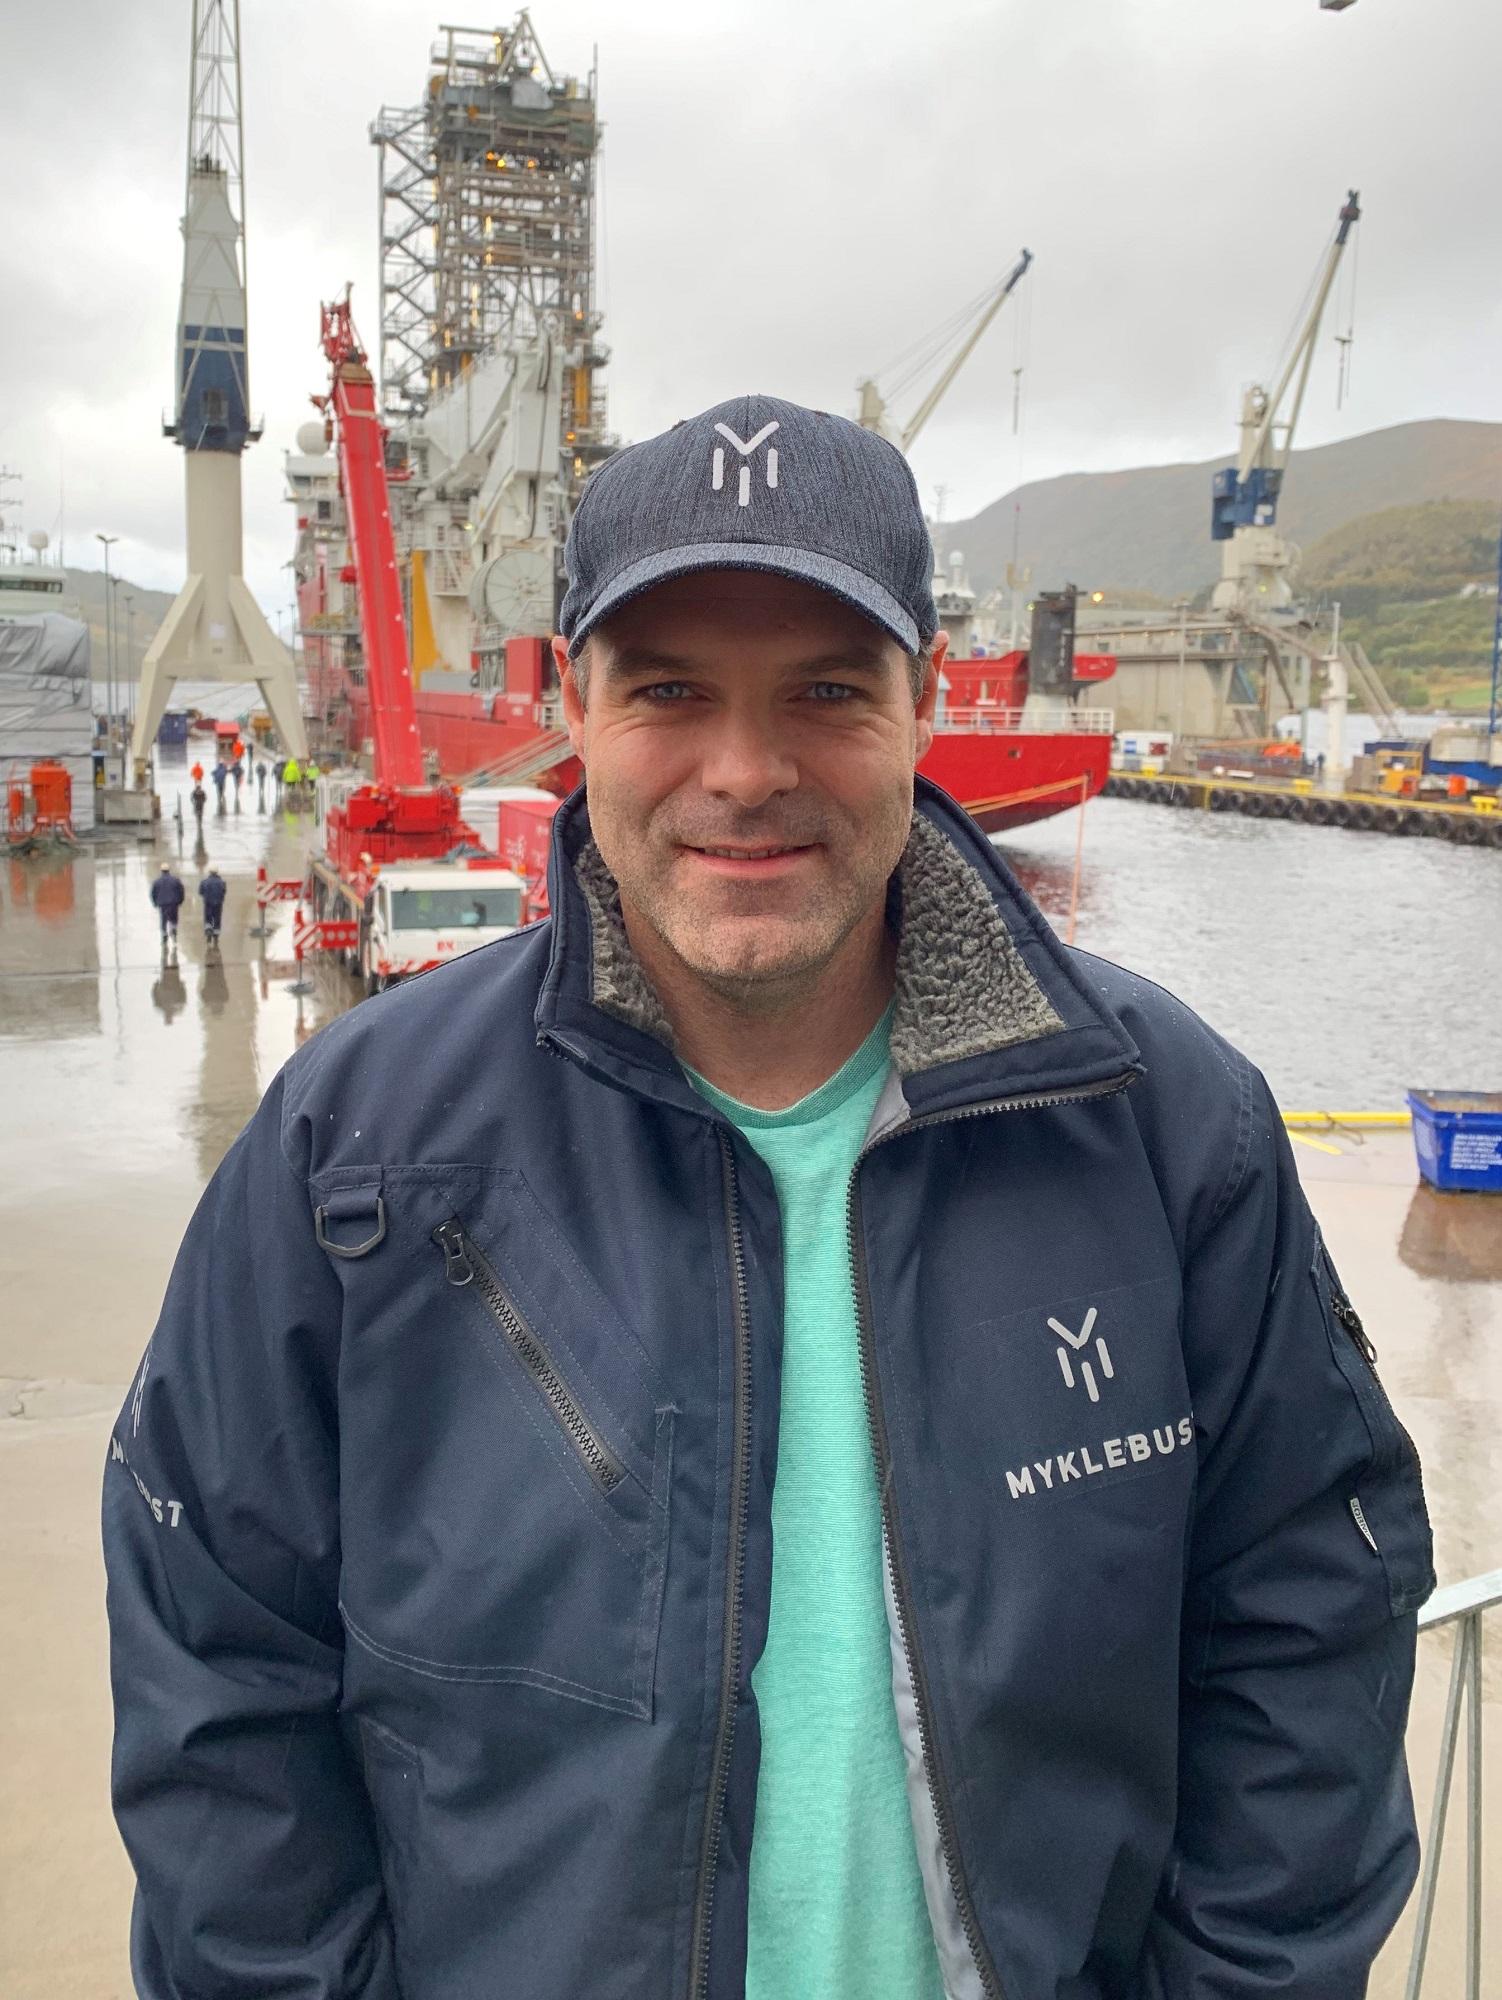 Til dagleg er Kevin prosjektleiar for mange av ettermarknadsprosjekta ved Myklebust. Flesteparten av prosjekta er retta mot oljeindustrien.